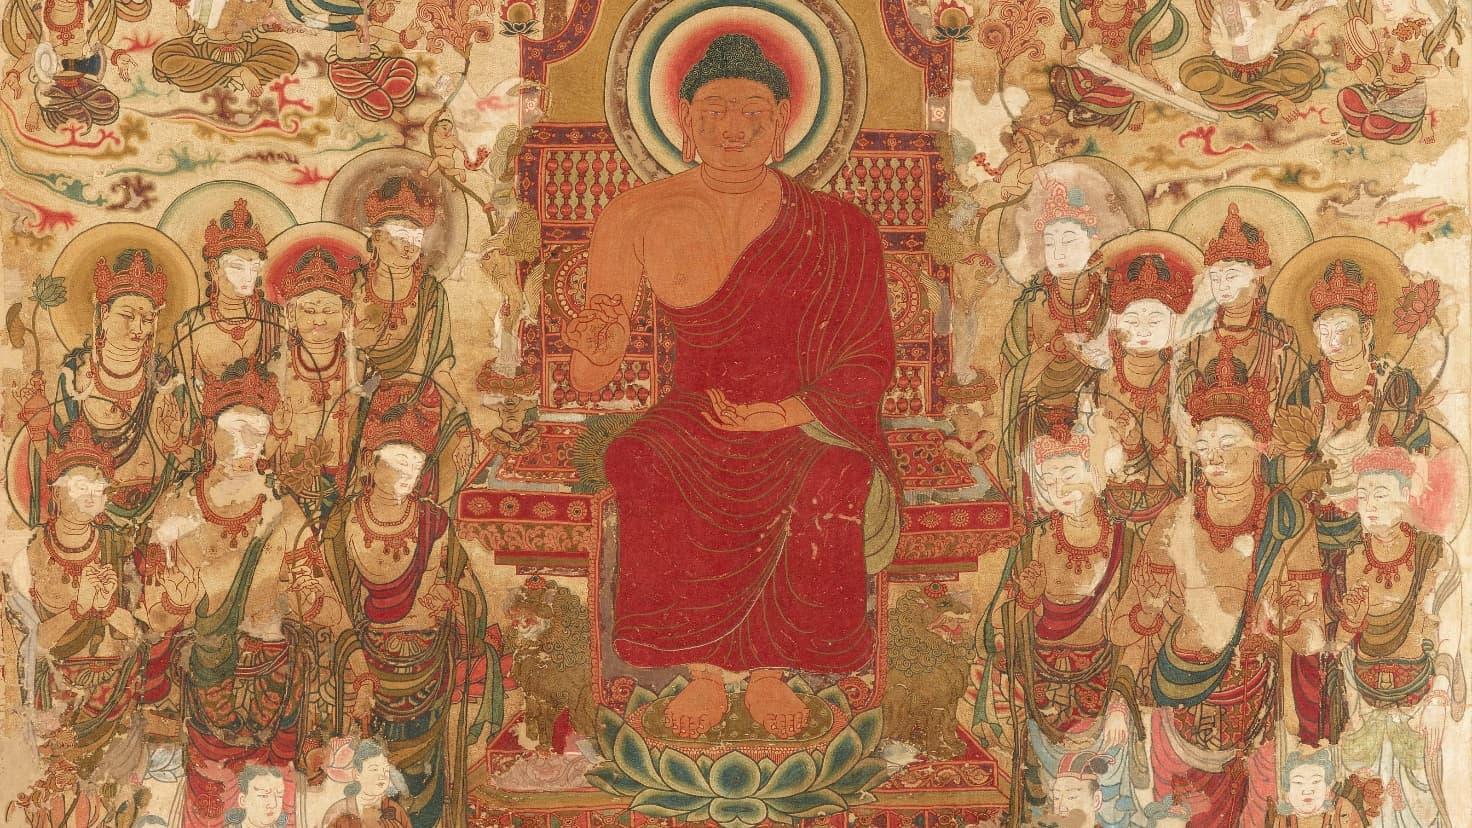 「綴織当麻曼荼羅」は奈良時代に中将姫が蓮糸で一晩で織り上げたと伝わる。約4メートル四方に極楽浄土の様子などを描いたたもので、中国・唐で作られた説もある。平成26~29年度の本格修理完成後初の公開。